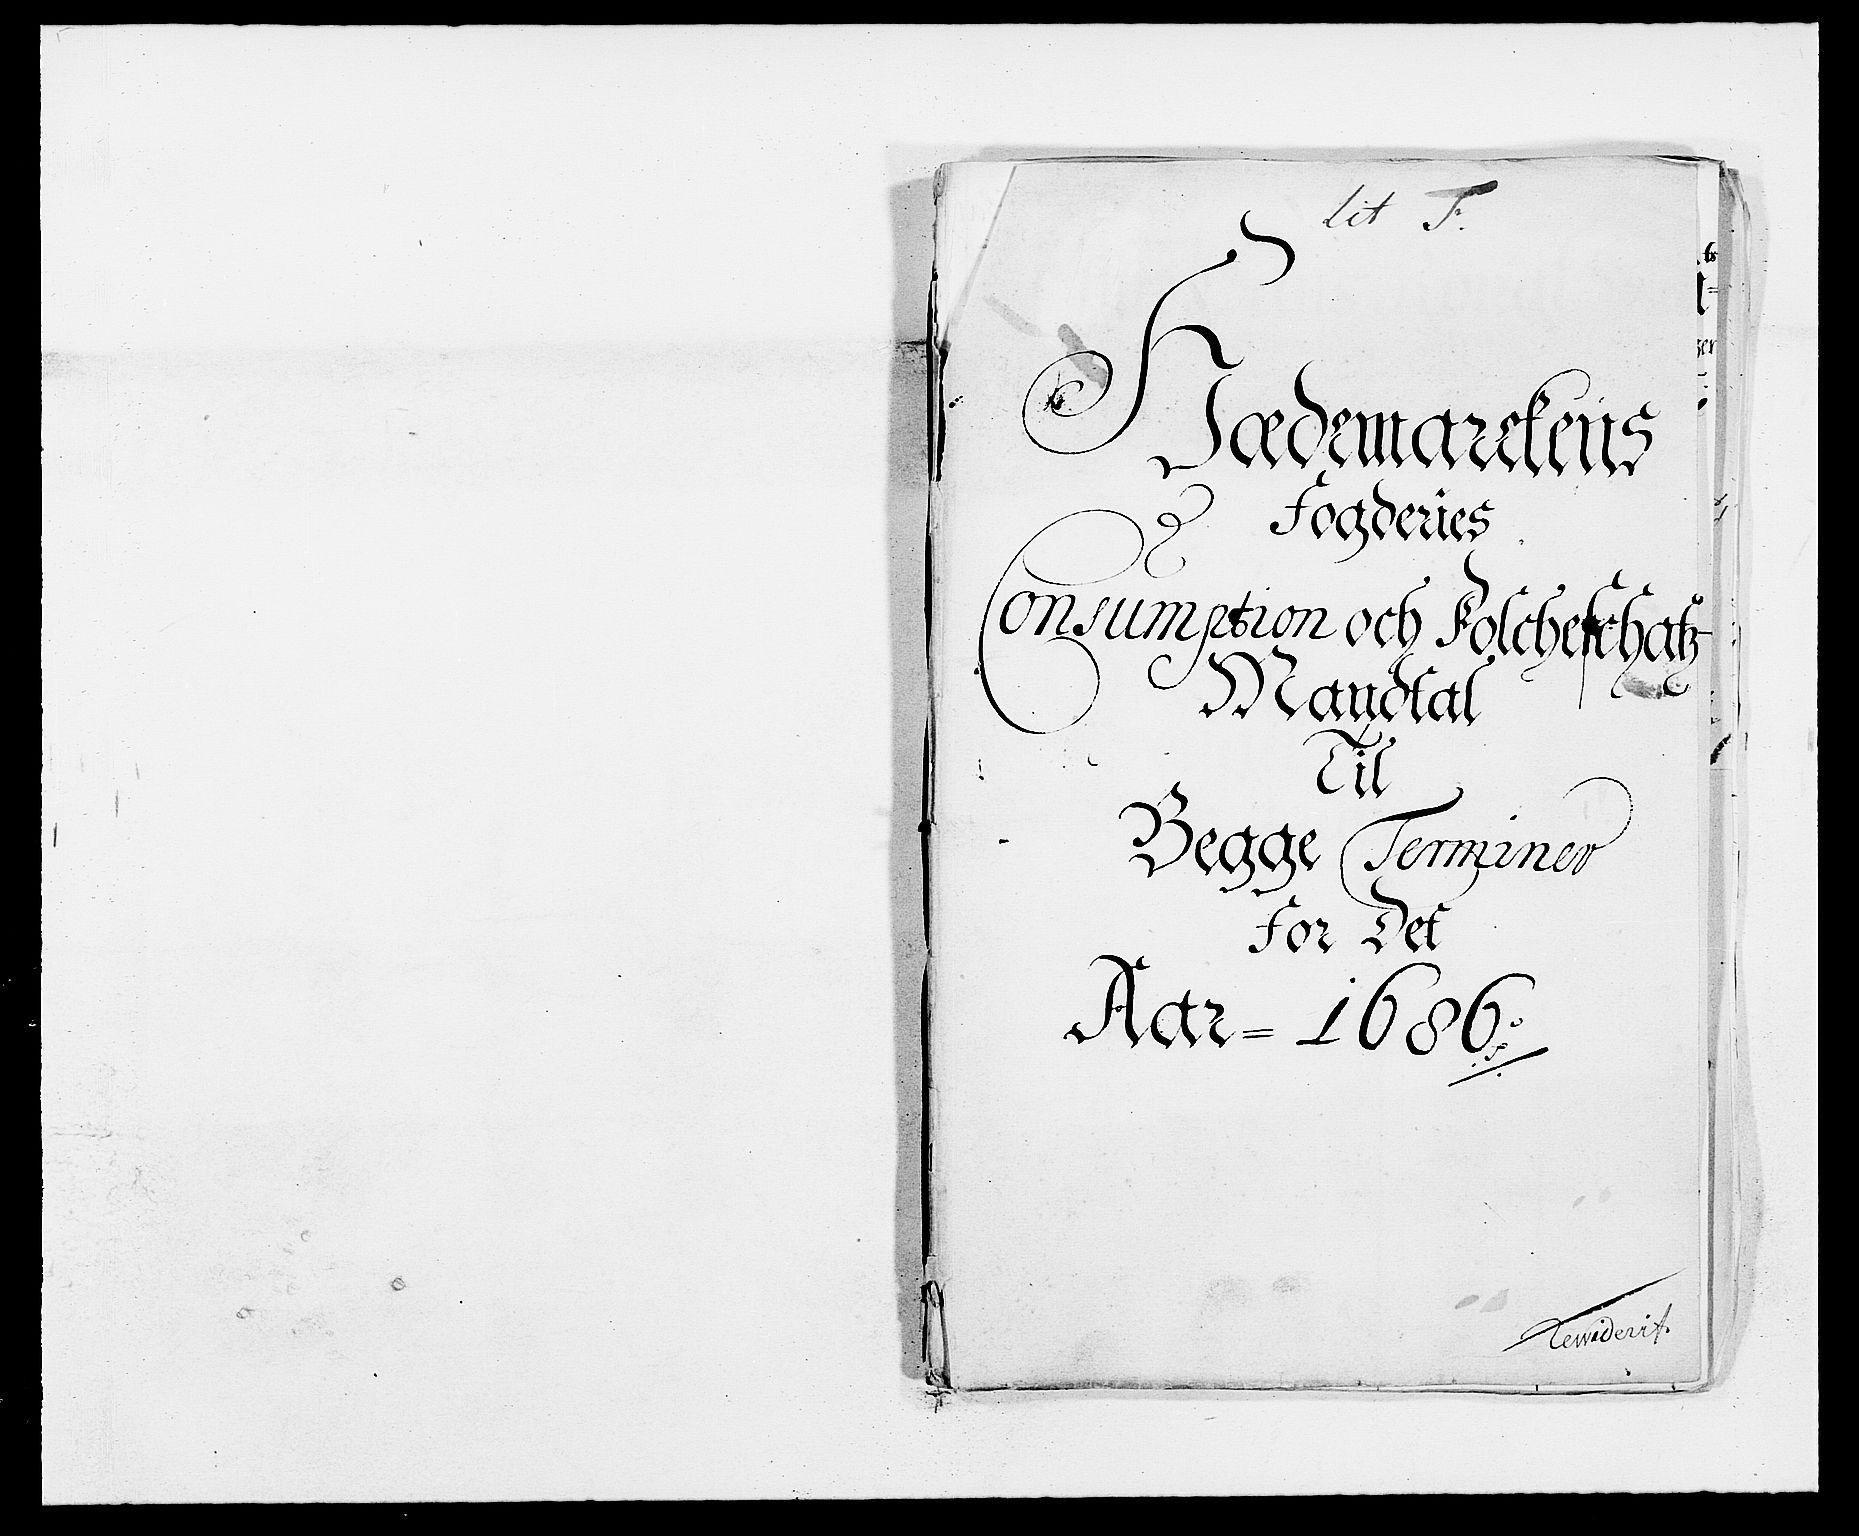 RA, Rentekammeret inntil 1814, Reviderte regnskaper, Fogderegnskap, R16/L1027: Fogderegnskap Hedmark, 1686, s. 289